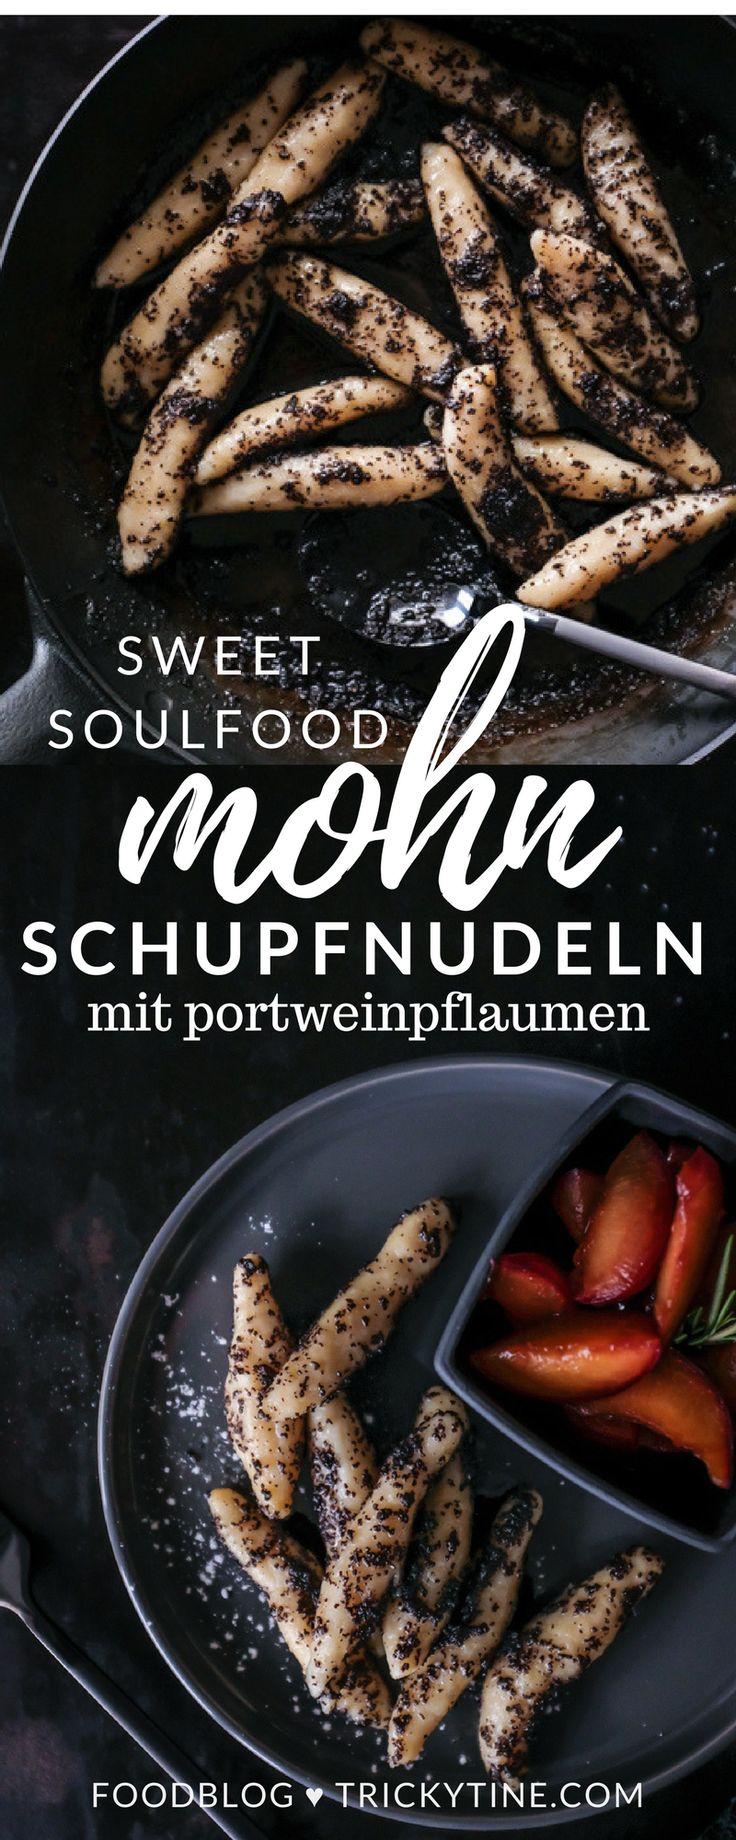 süße schupfnudeln mit mohnbutter & portweinpflaumen ♥ trickytine.com